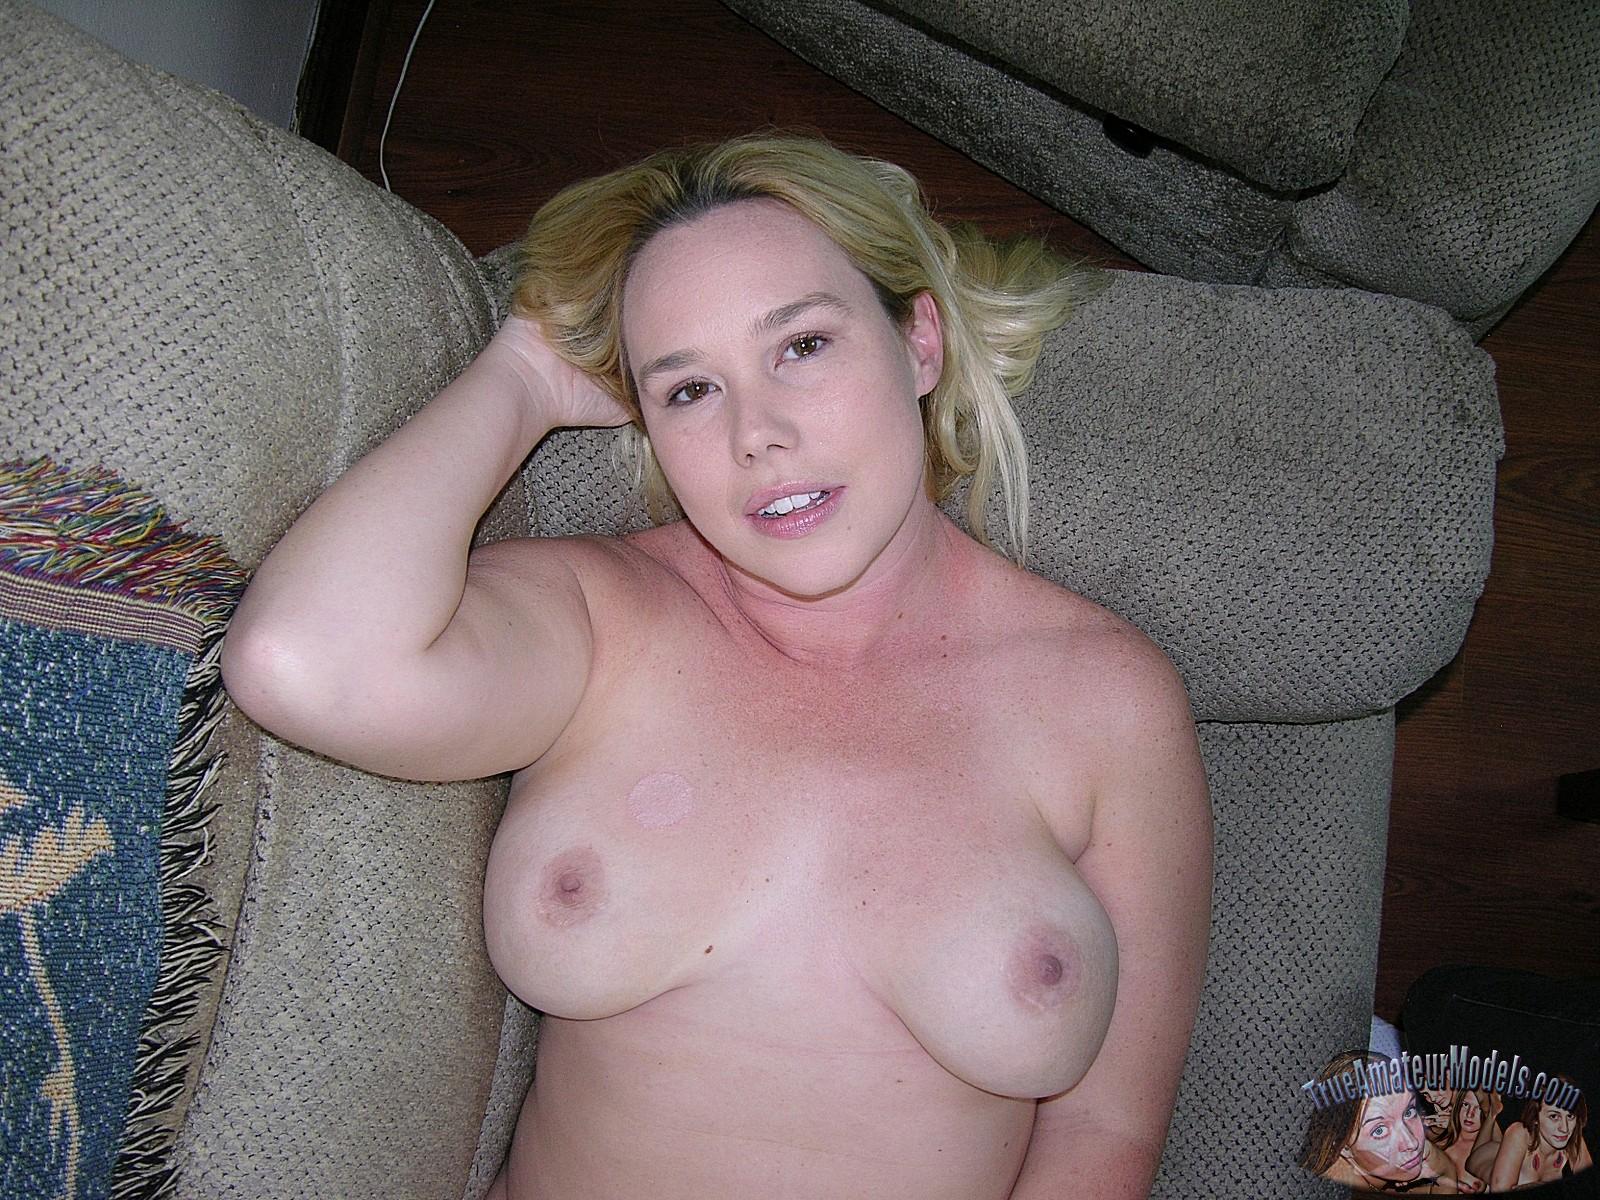 True Amateur Nude 71